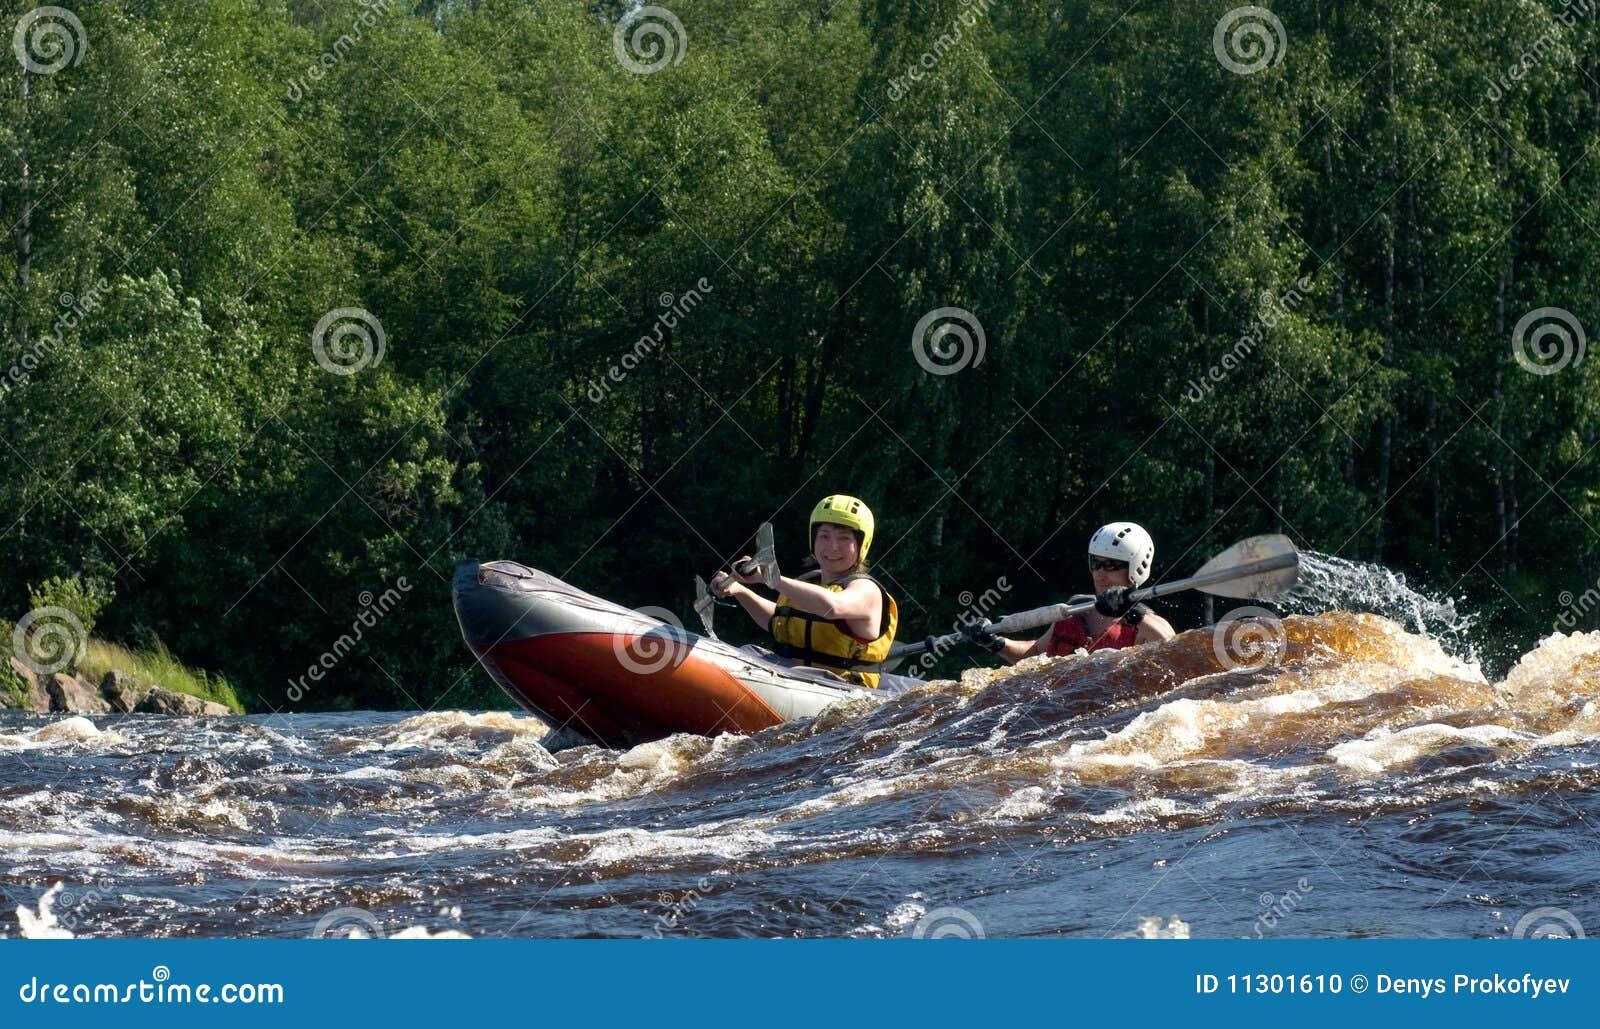 Kajak auf Fluss